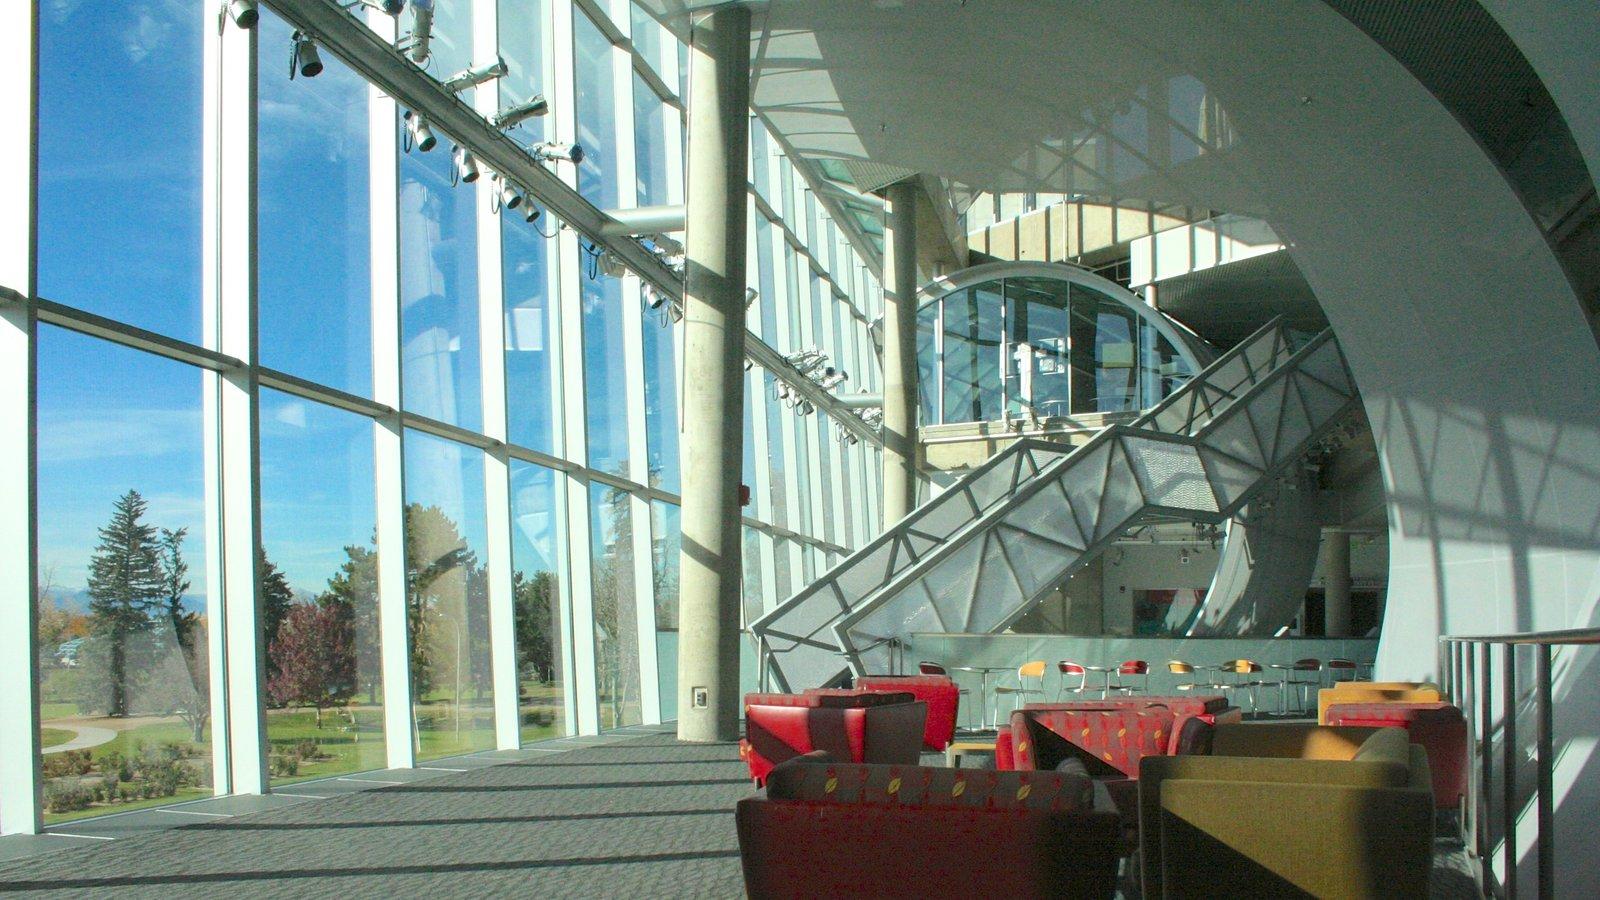 Denver Museum of Nature and Science que inclui vistas internas